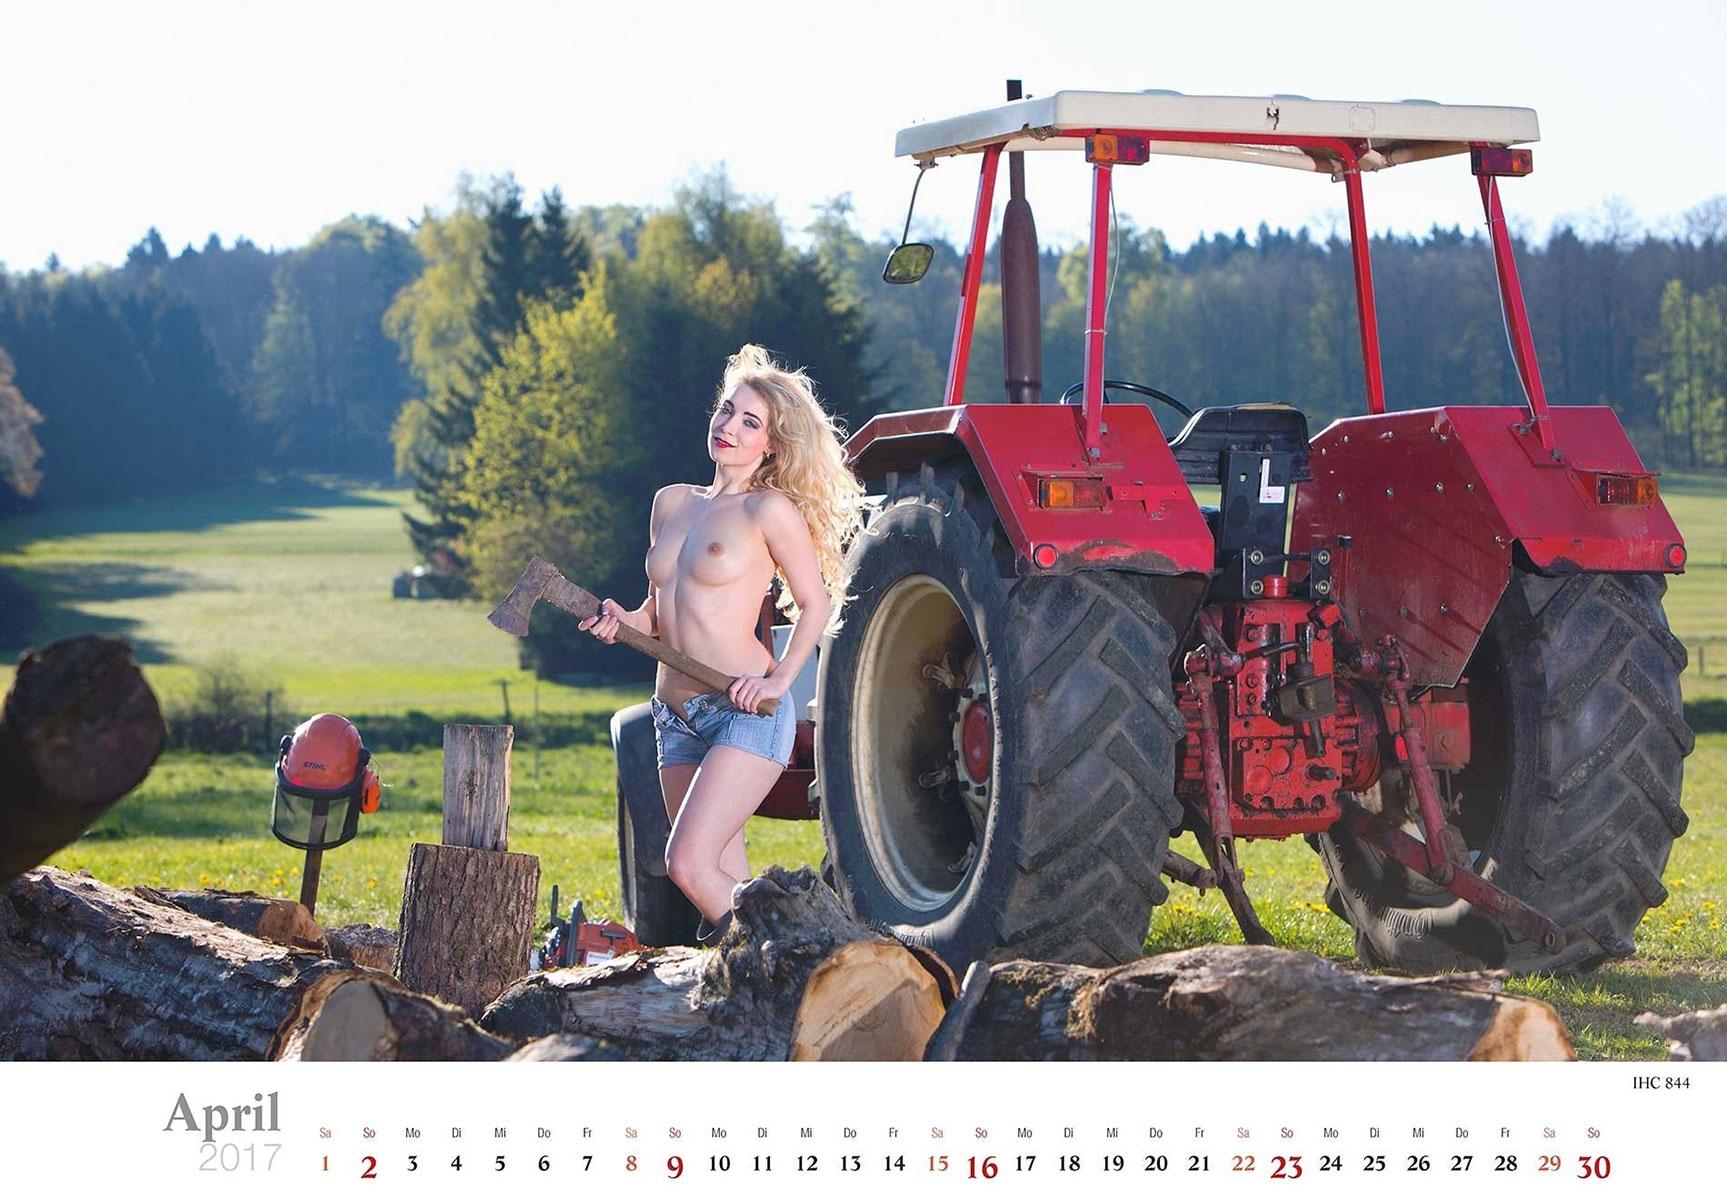 Девушки и трактора в эротическом календаре 2017 / IHC 844 - Jungbauerntraume calendar 2017